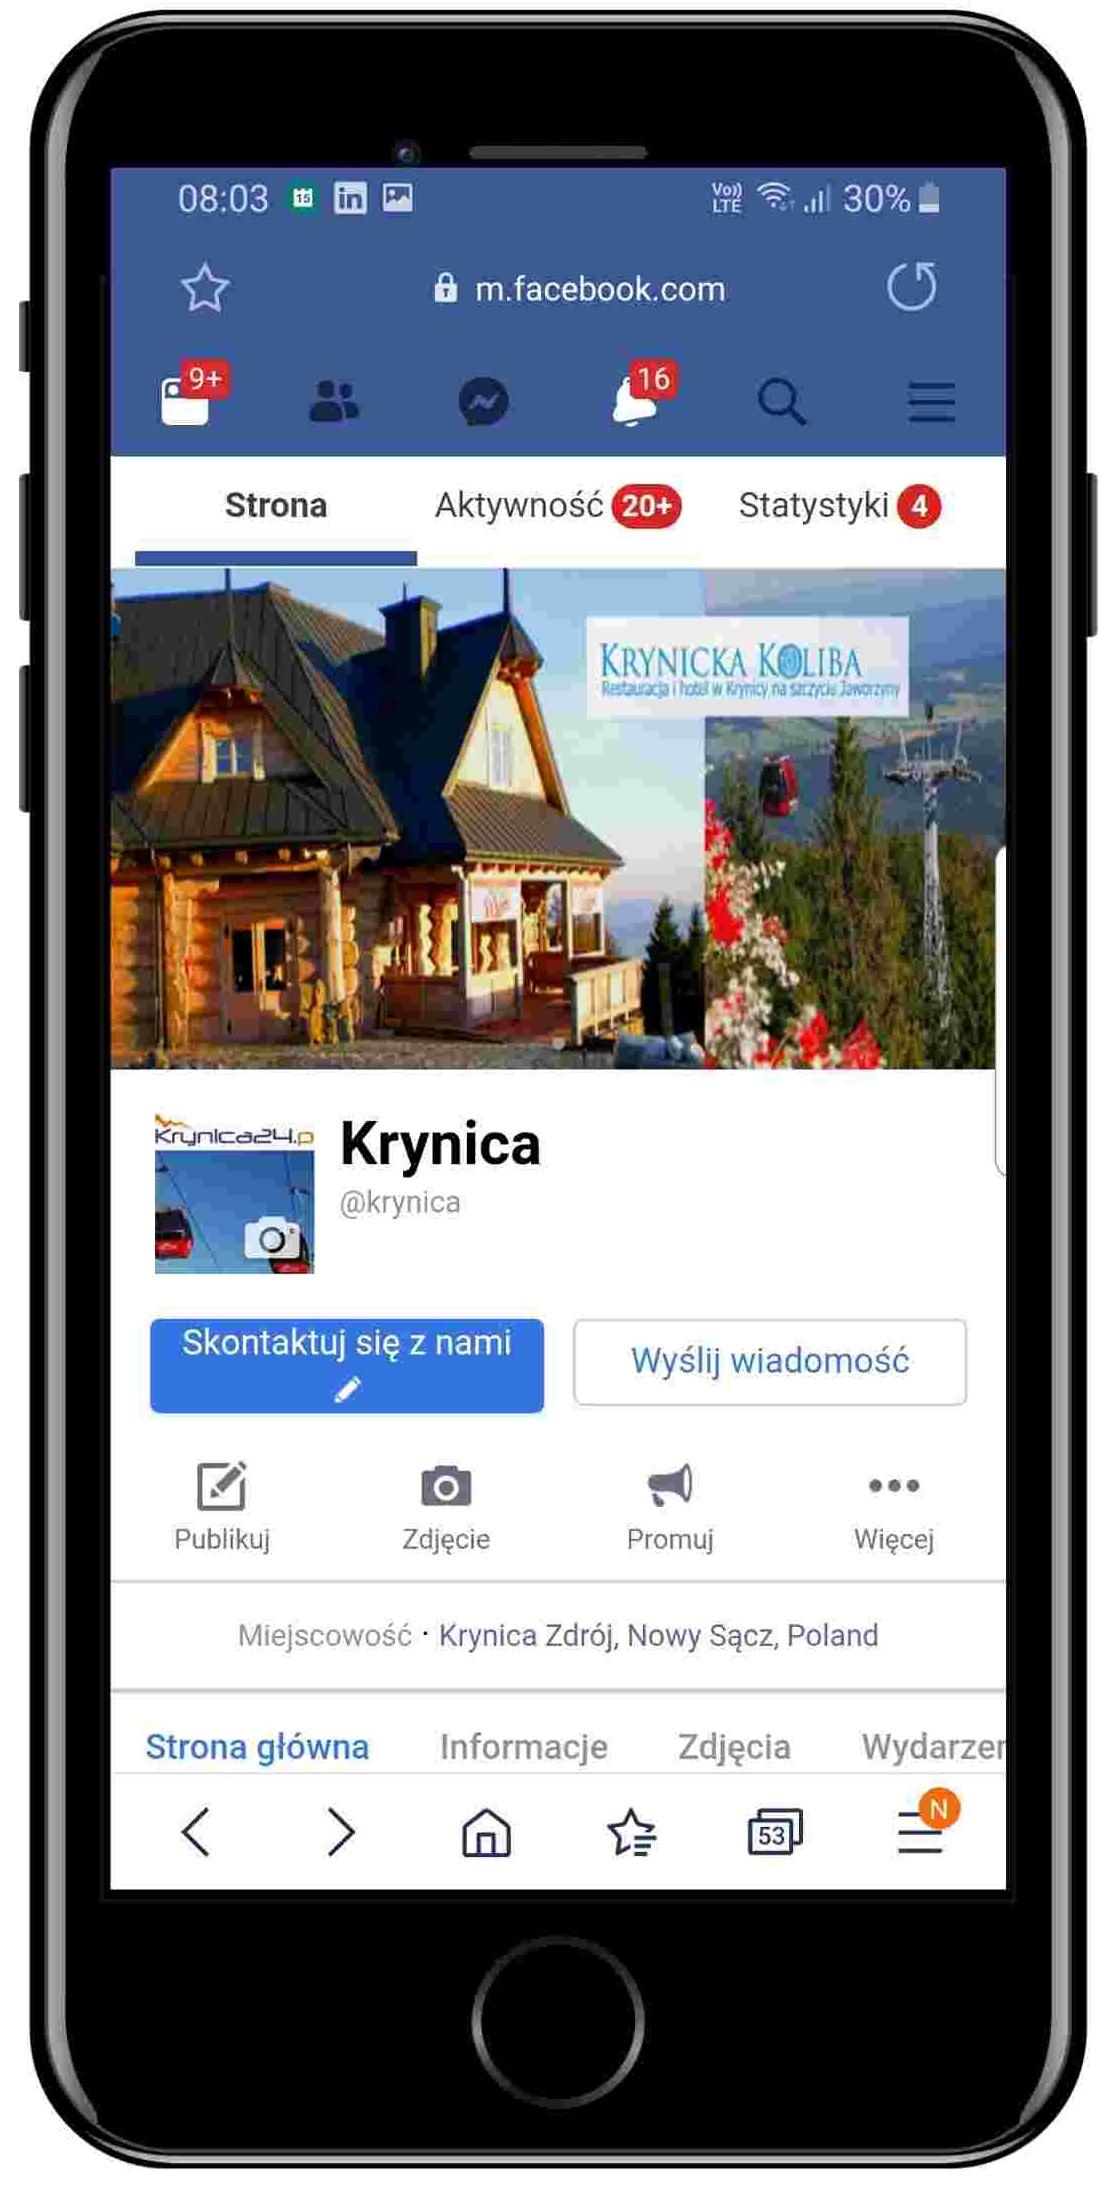 Krynica Górska - Facebook